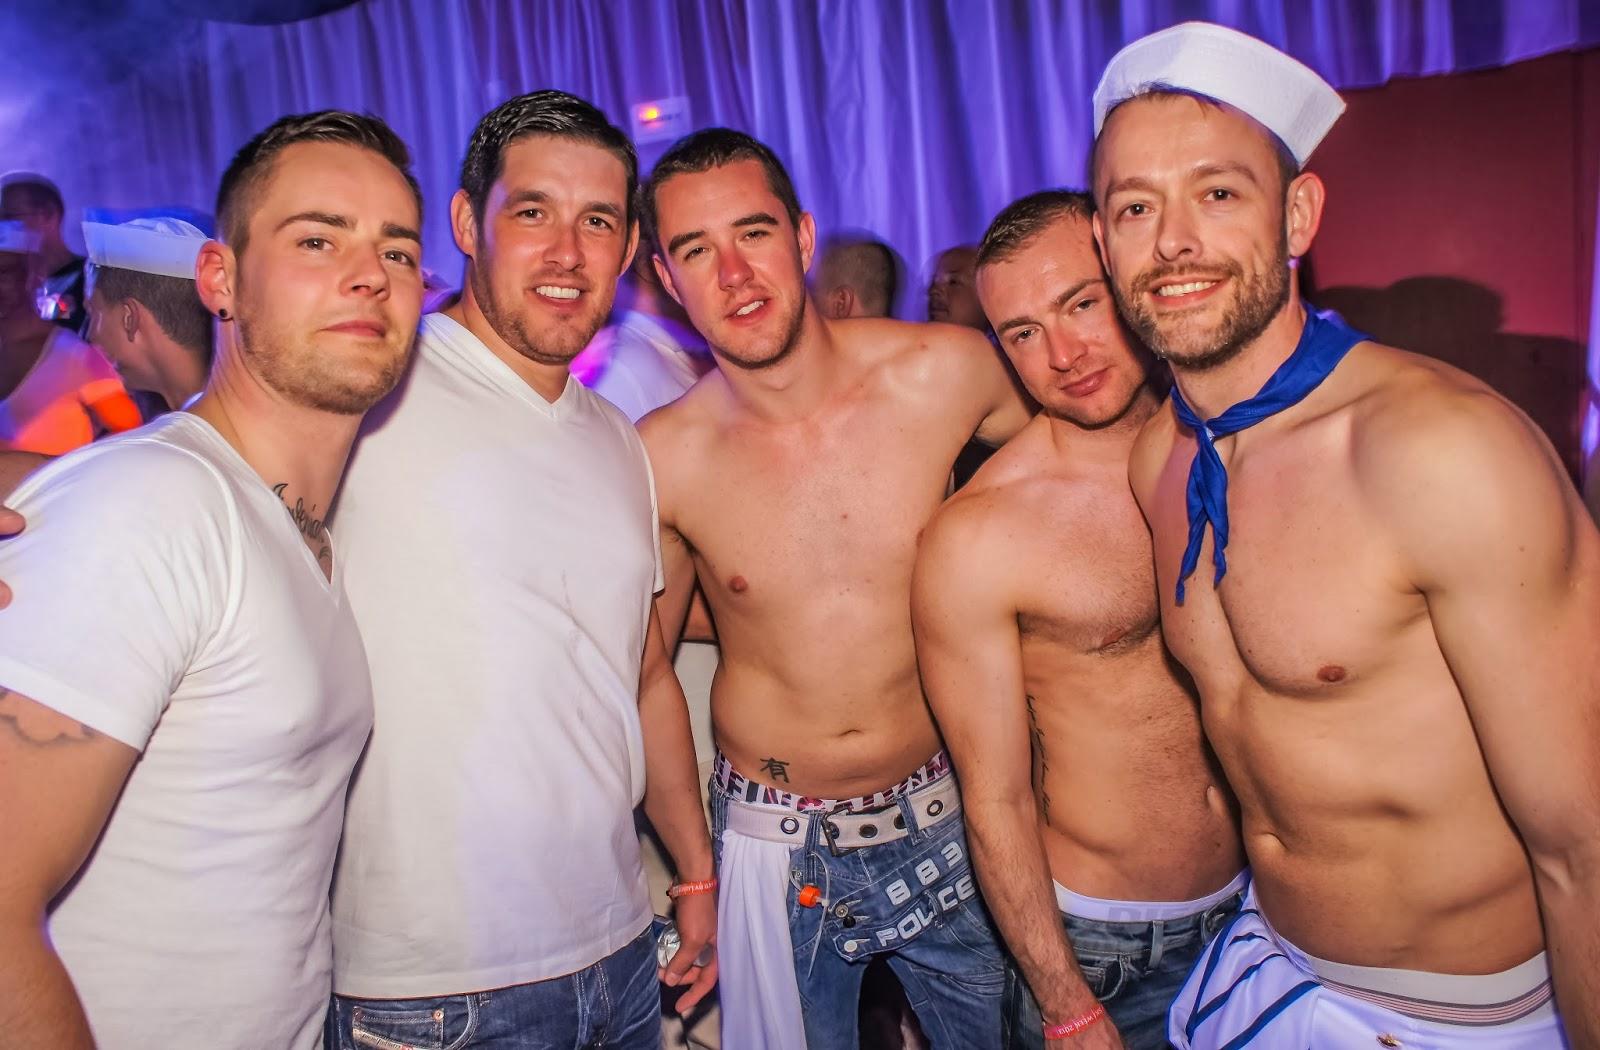 Вами гей екатеринбург фото этом что-то